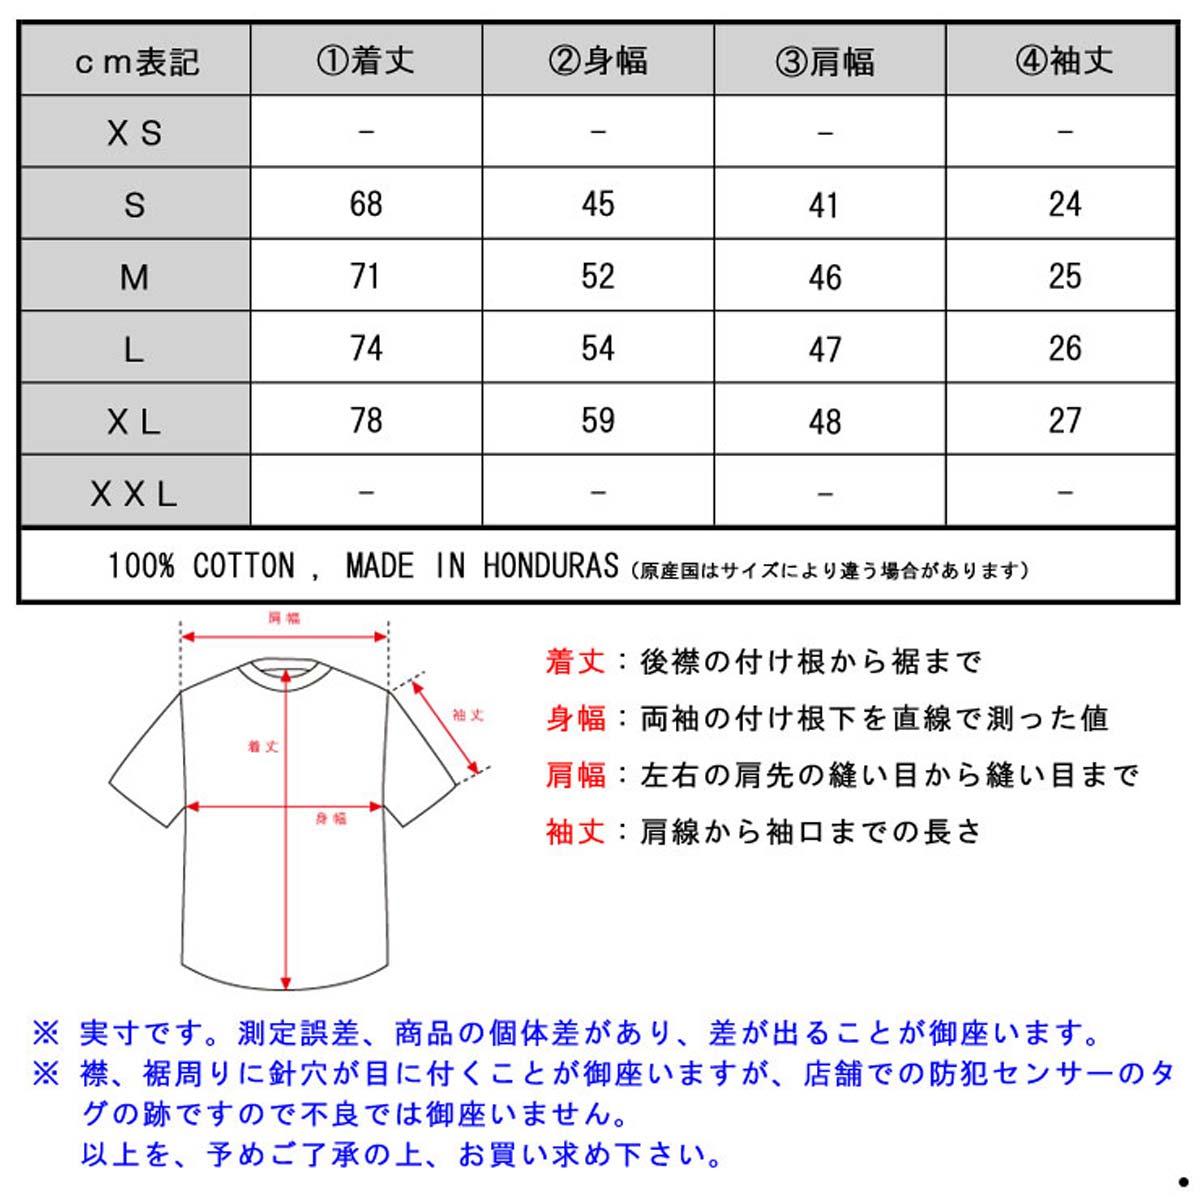 チャンピオン Tシャツ 正規品 CHAMPION 半袖Tシャツ  CREW TEE T1919 Heritage Tee 003-BLACK AA4B B1C C1D D1E E13F